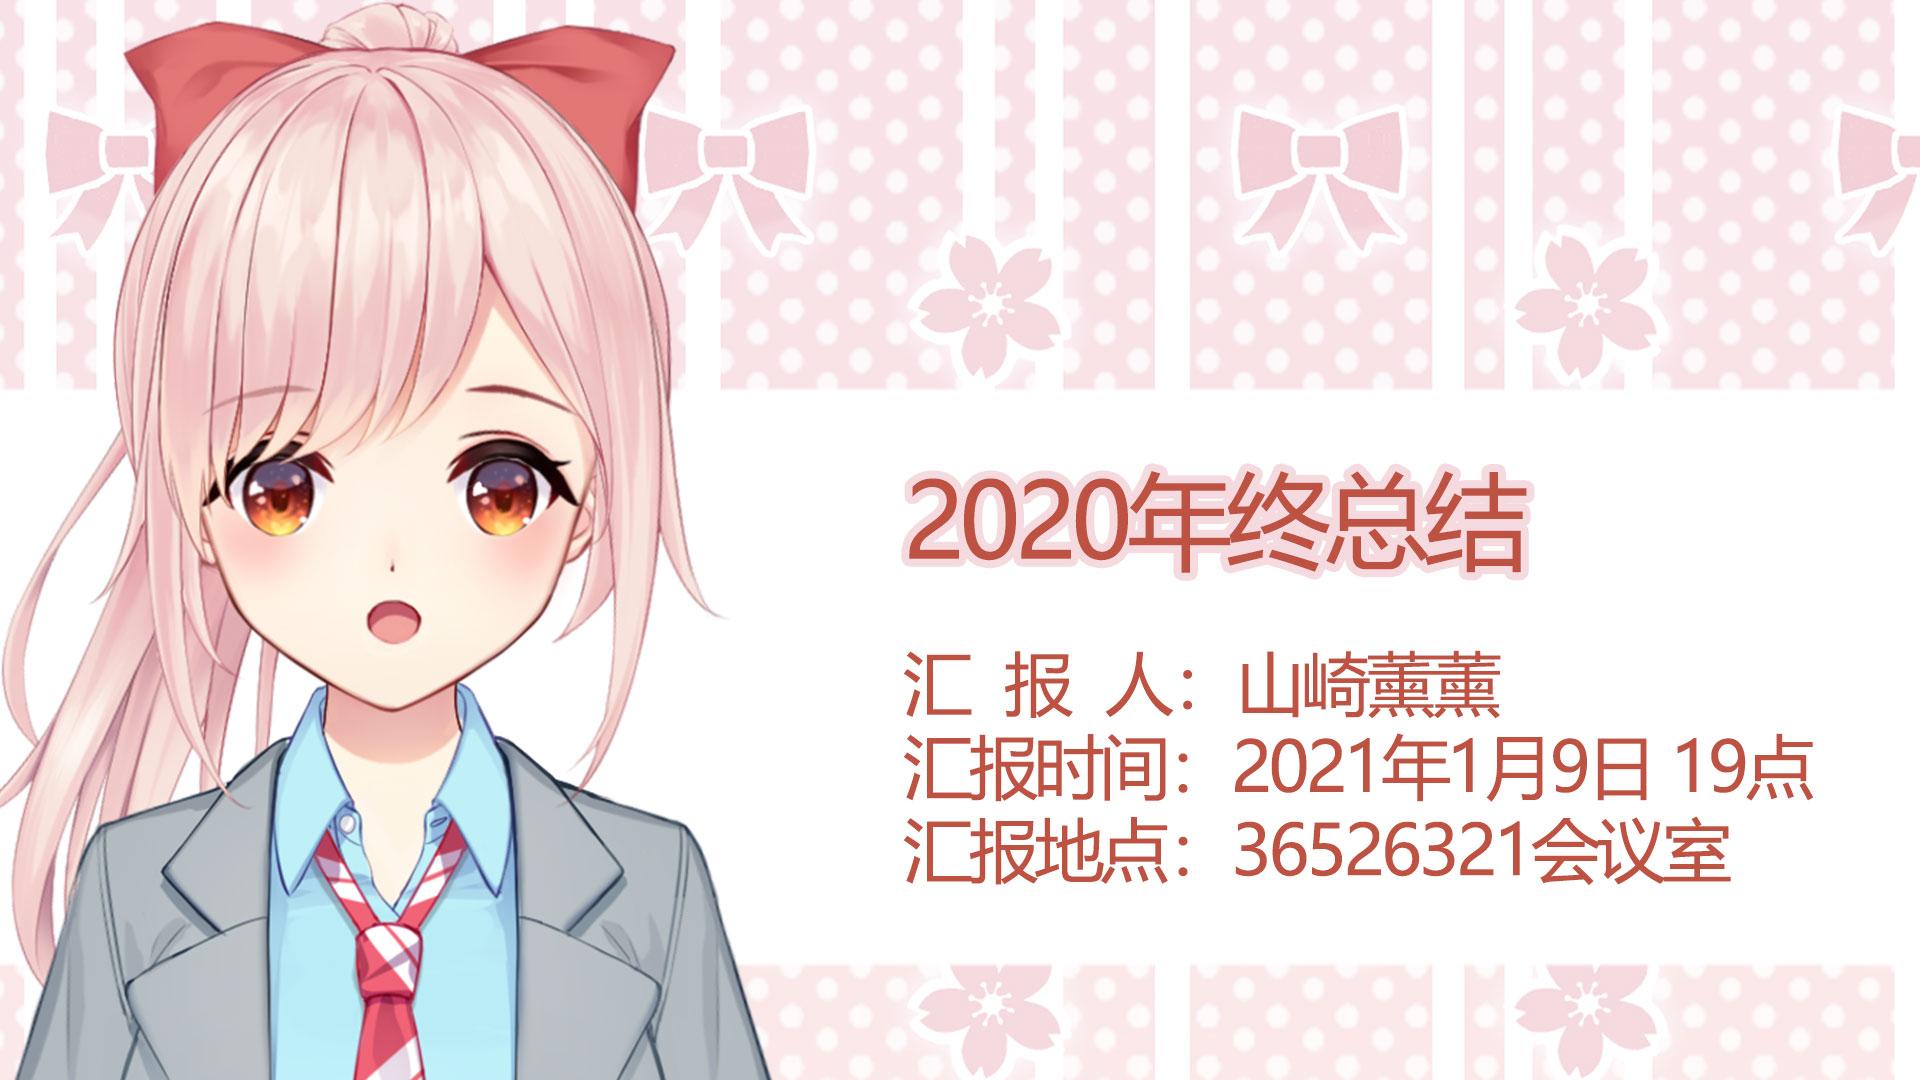 【薰薰】我的2020年终总结2021-01-09